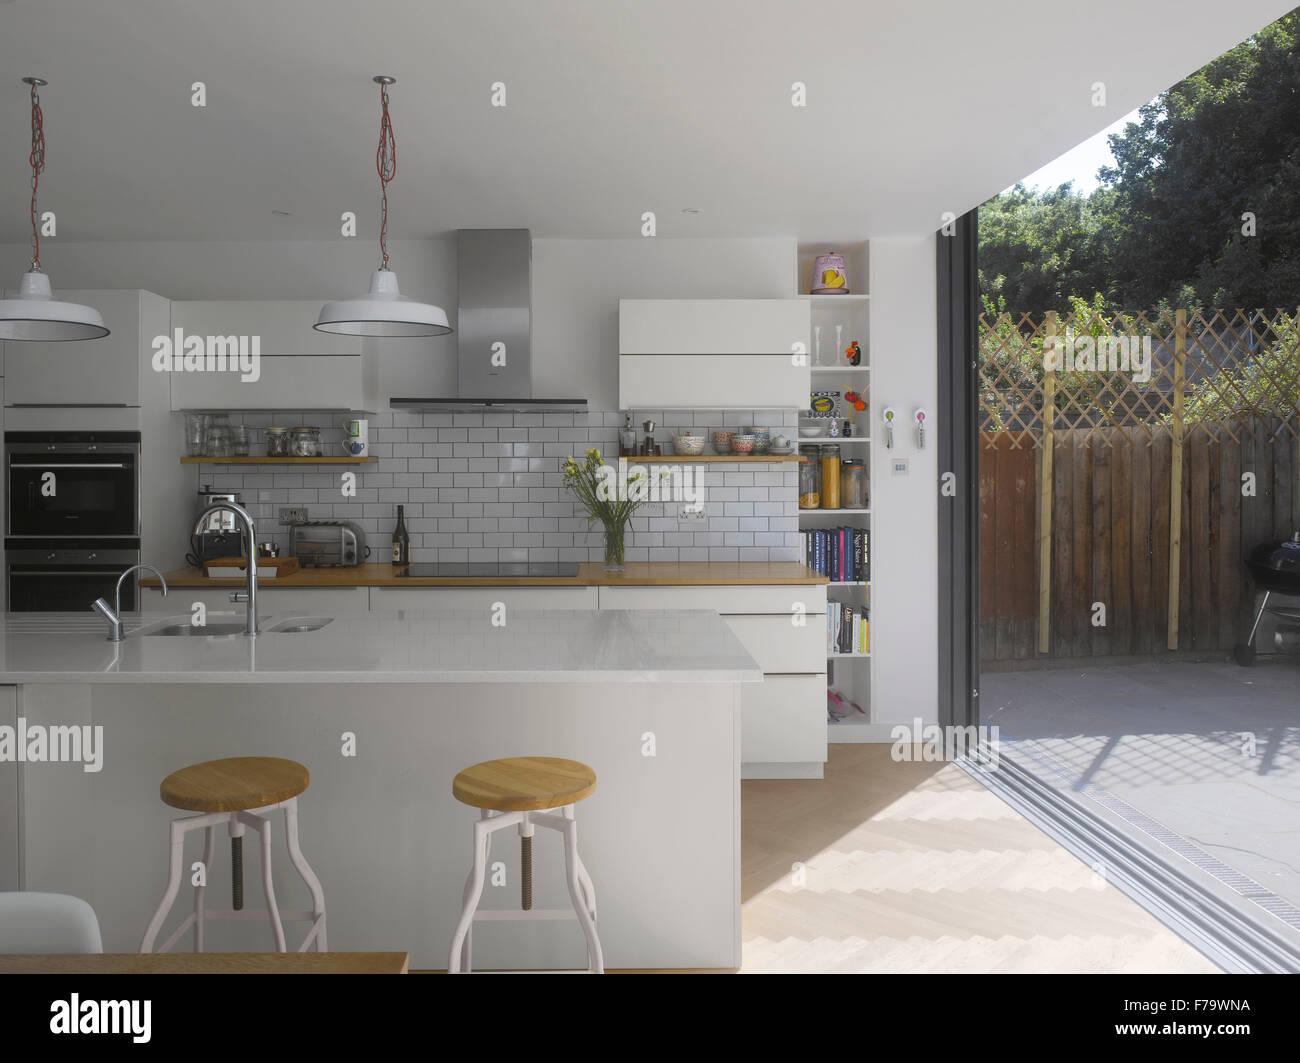 Küche Und Mit Schiebetür Zum Garten In Großbritannien Zu Hause